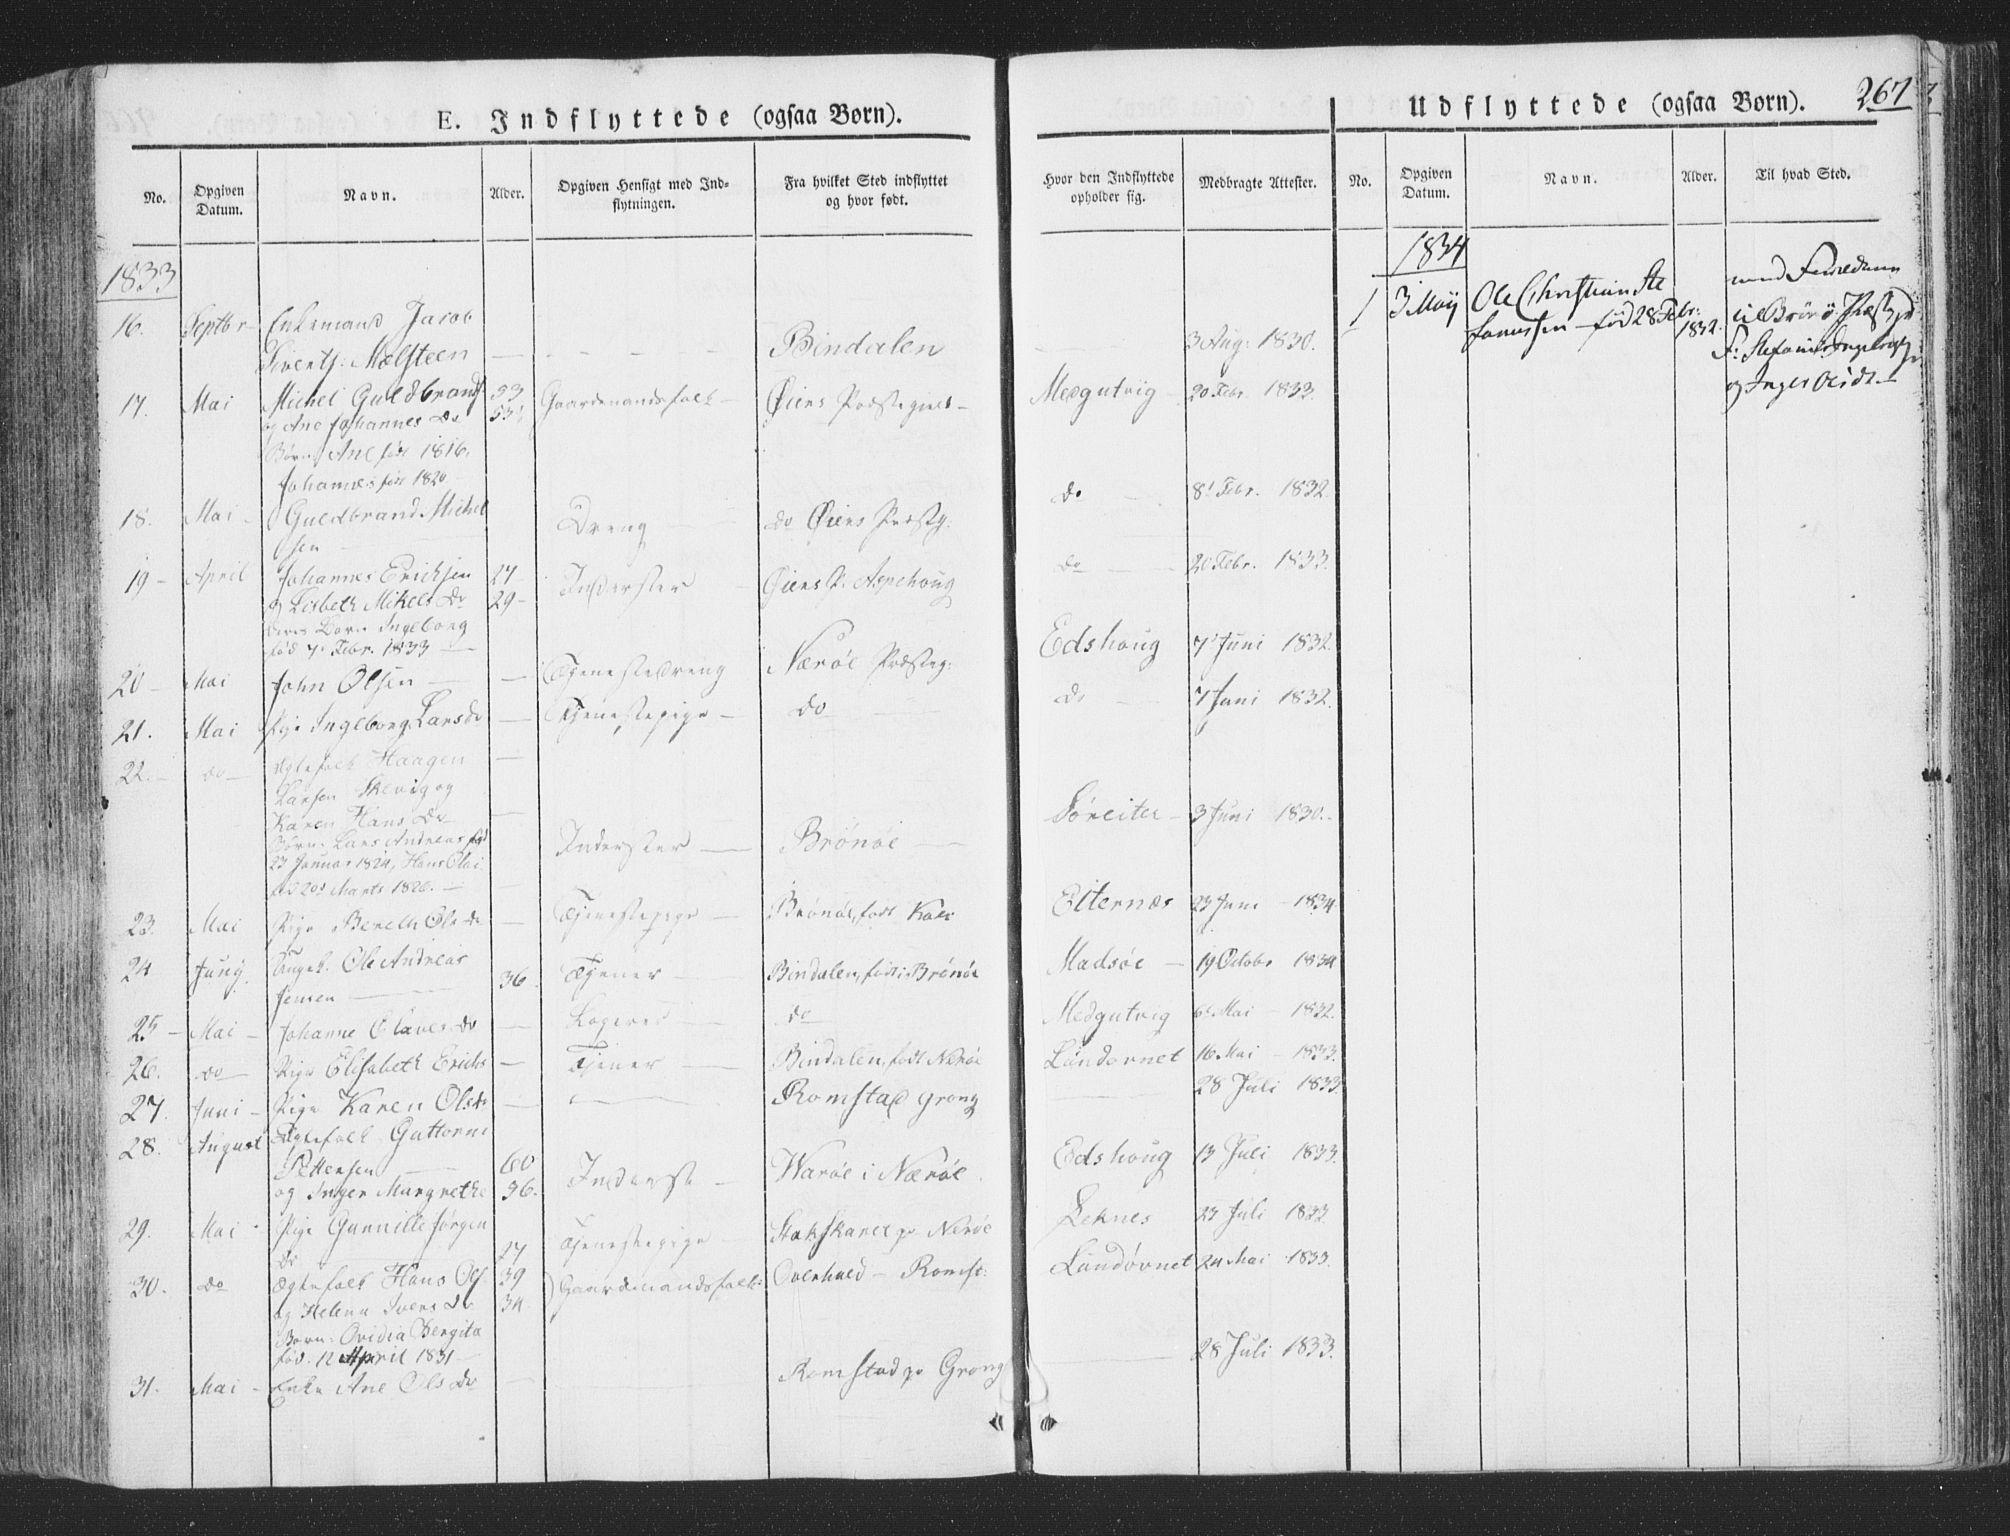 SAT, Ministerialprotokoller, klokkerbøker og fødselsregistre - Nord-Trøndelag, 780/L0639: Ministerialbok nr. 780A04, 1830-1844, s. 267